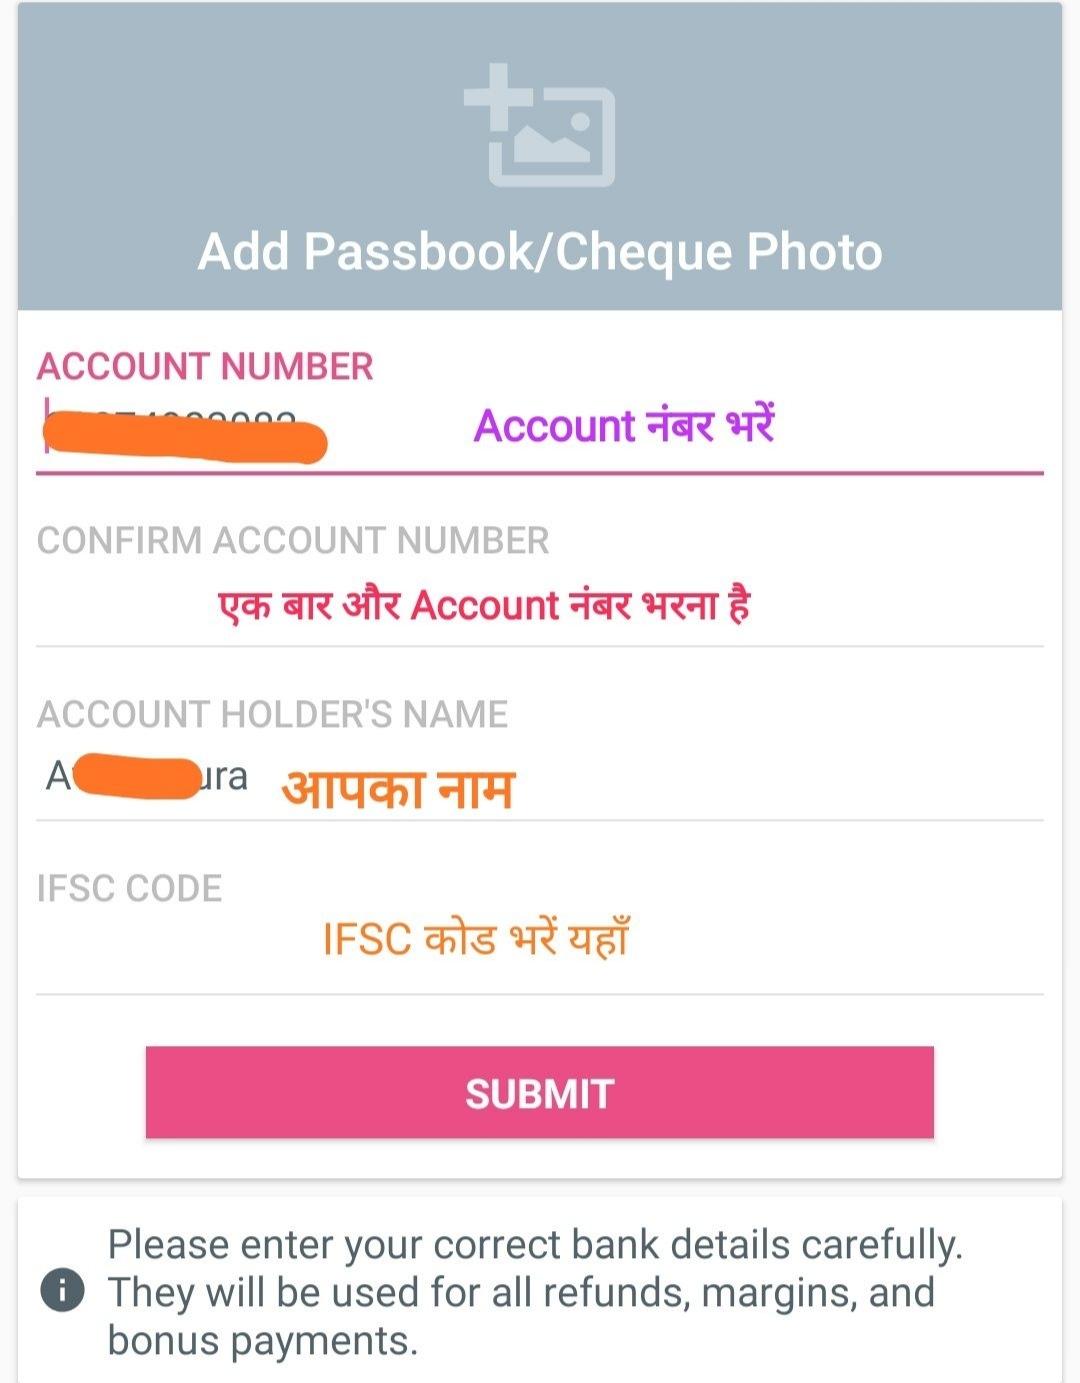 meesho app पर अपनी बैंक details कैसे डालें?